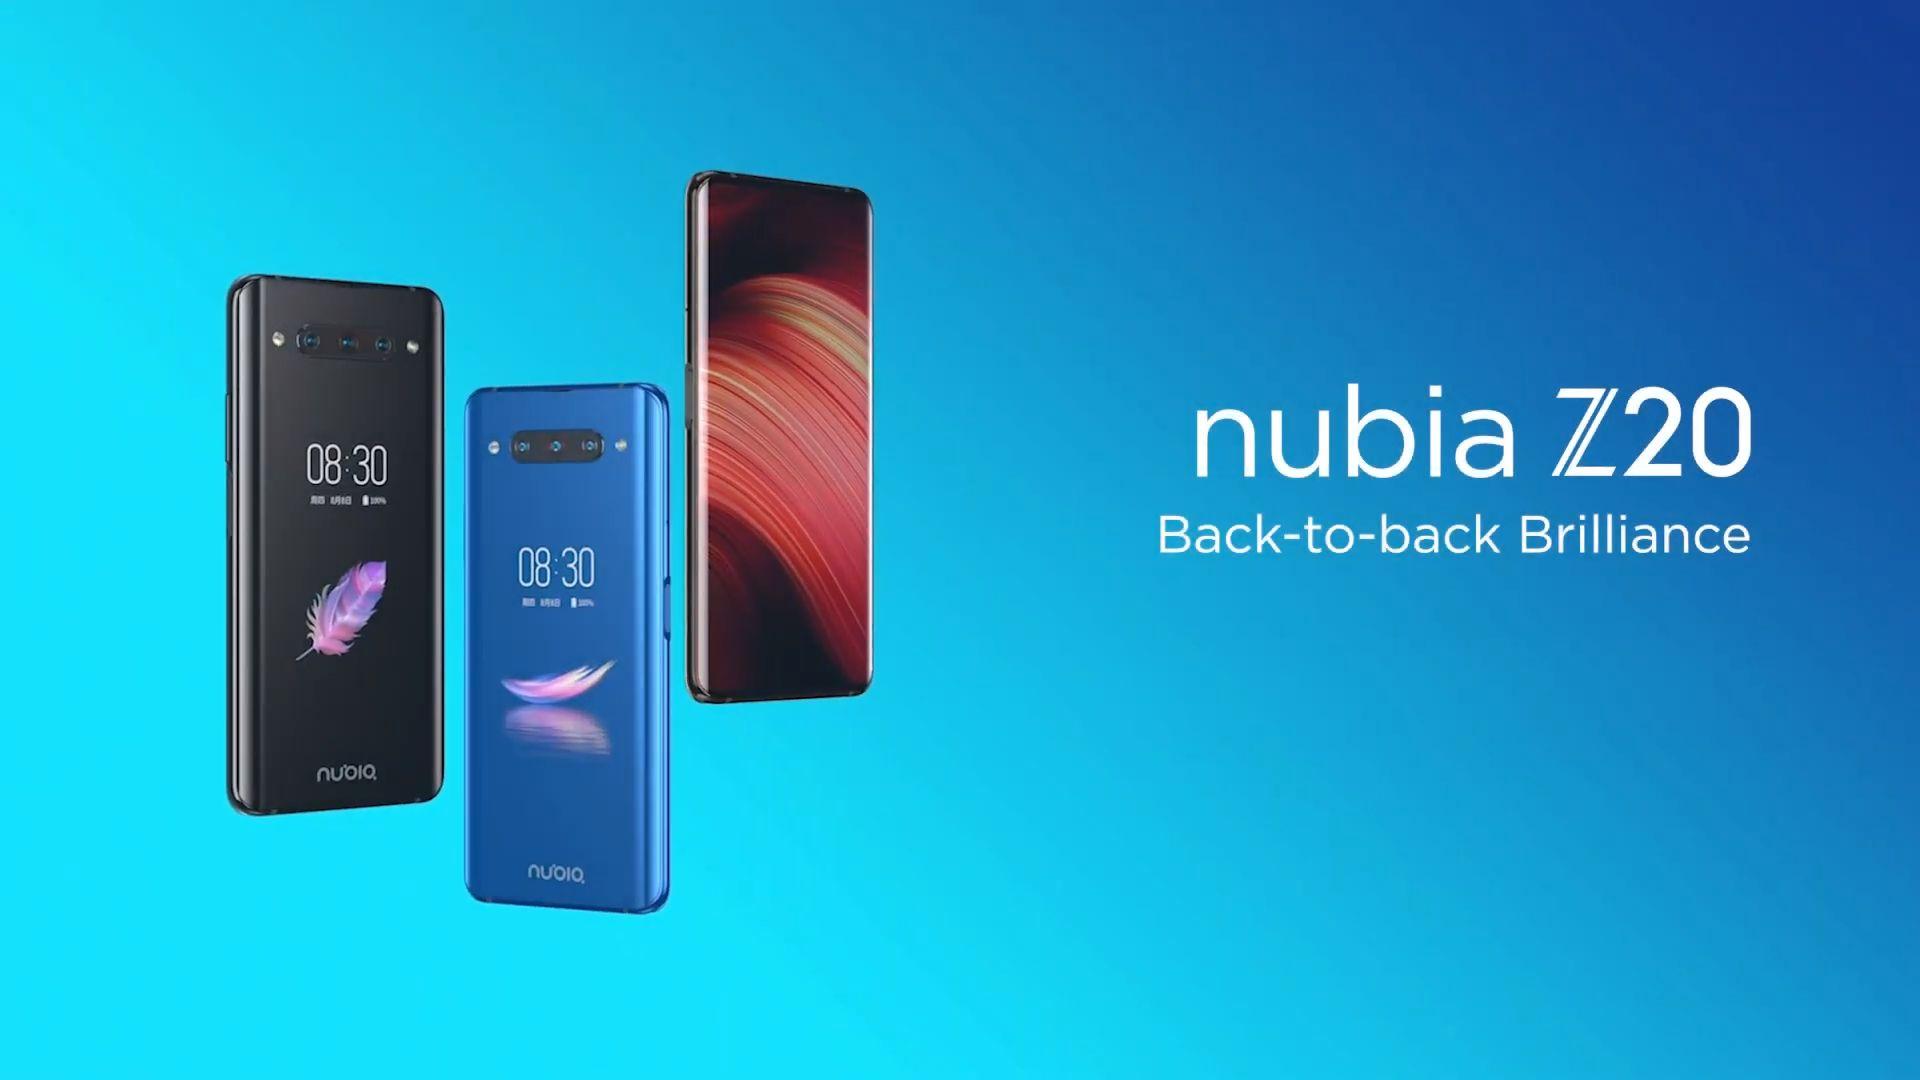 Nubia Z20 arriva ufficialmente in Italia: niente notch, fori o meccanismi pop-up, ma due display